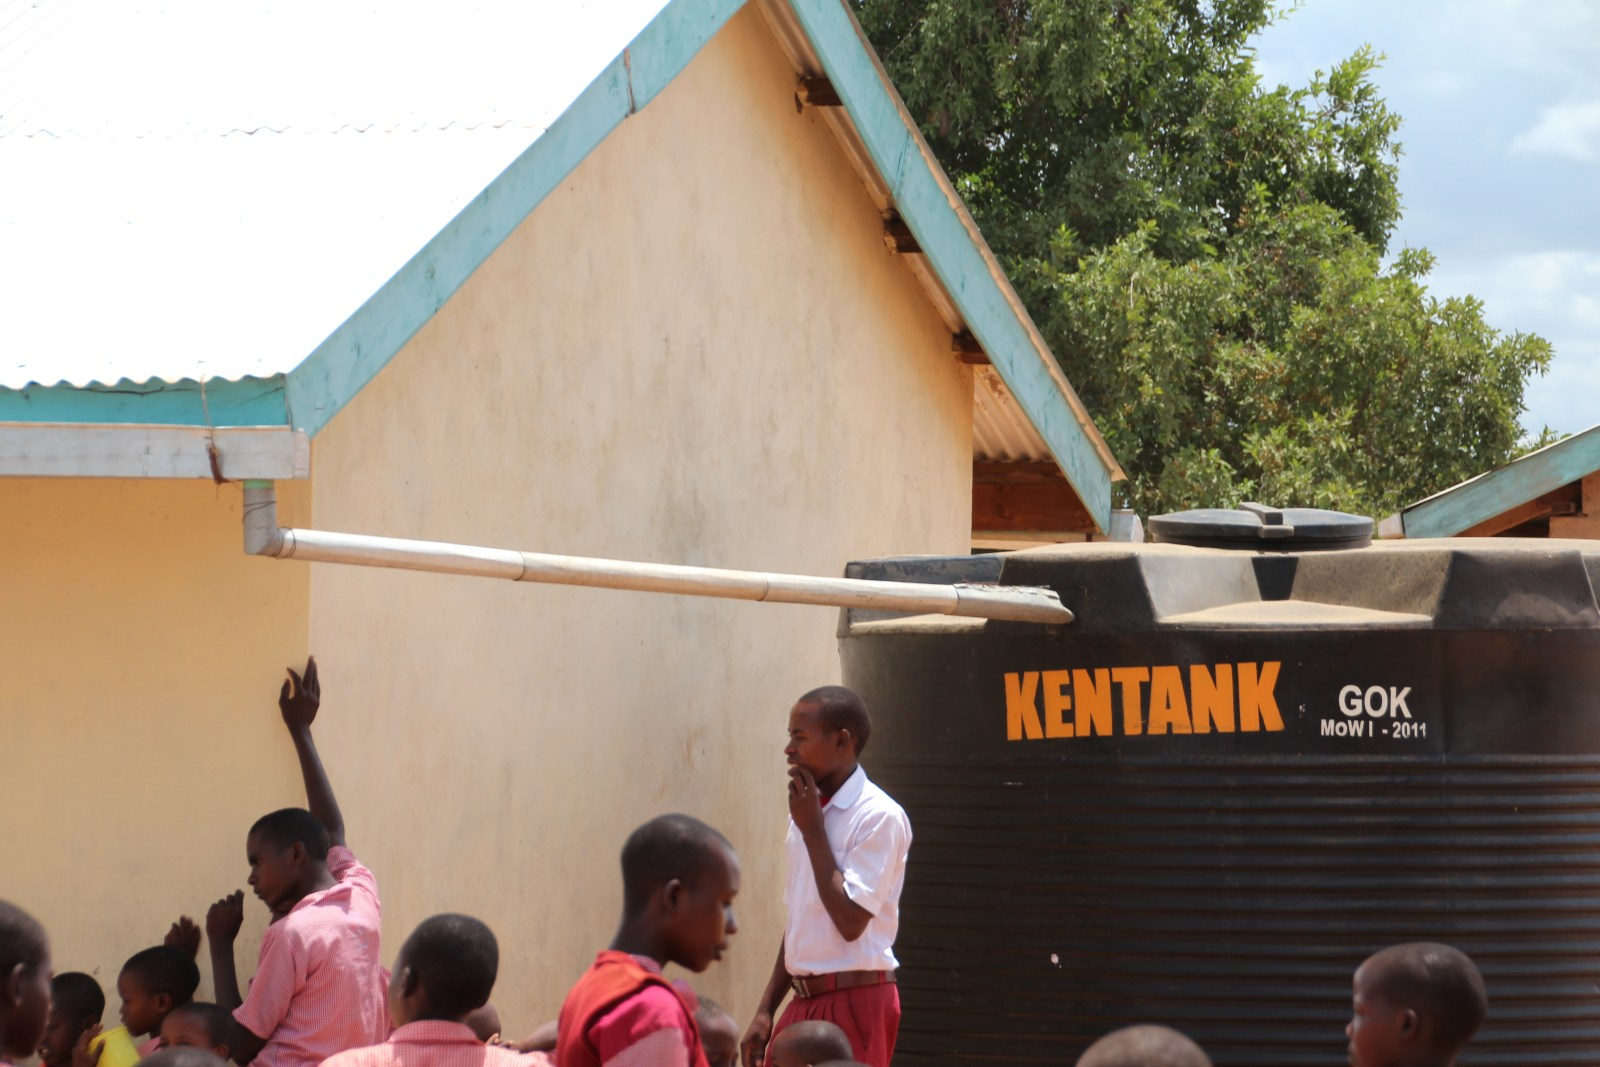 Små saker som en hängränna och en vattentank kan försörja flera hundra elever och lärare med vatten. Finansierat av Better Globe i Mboti Kenya